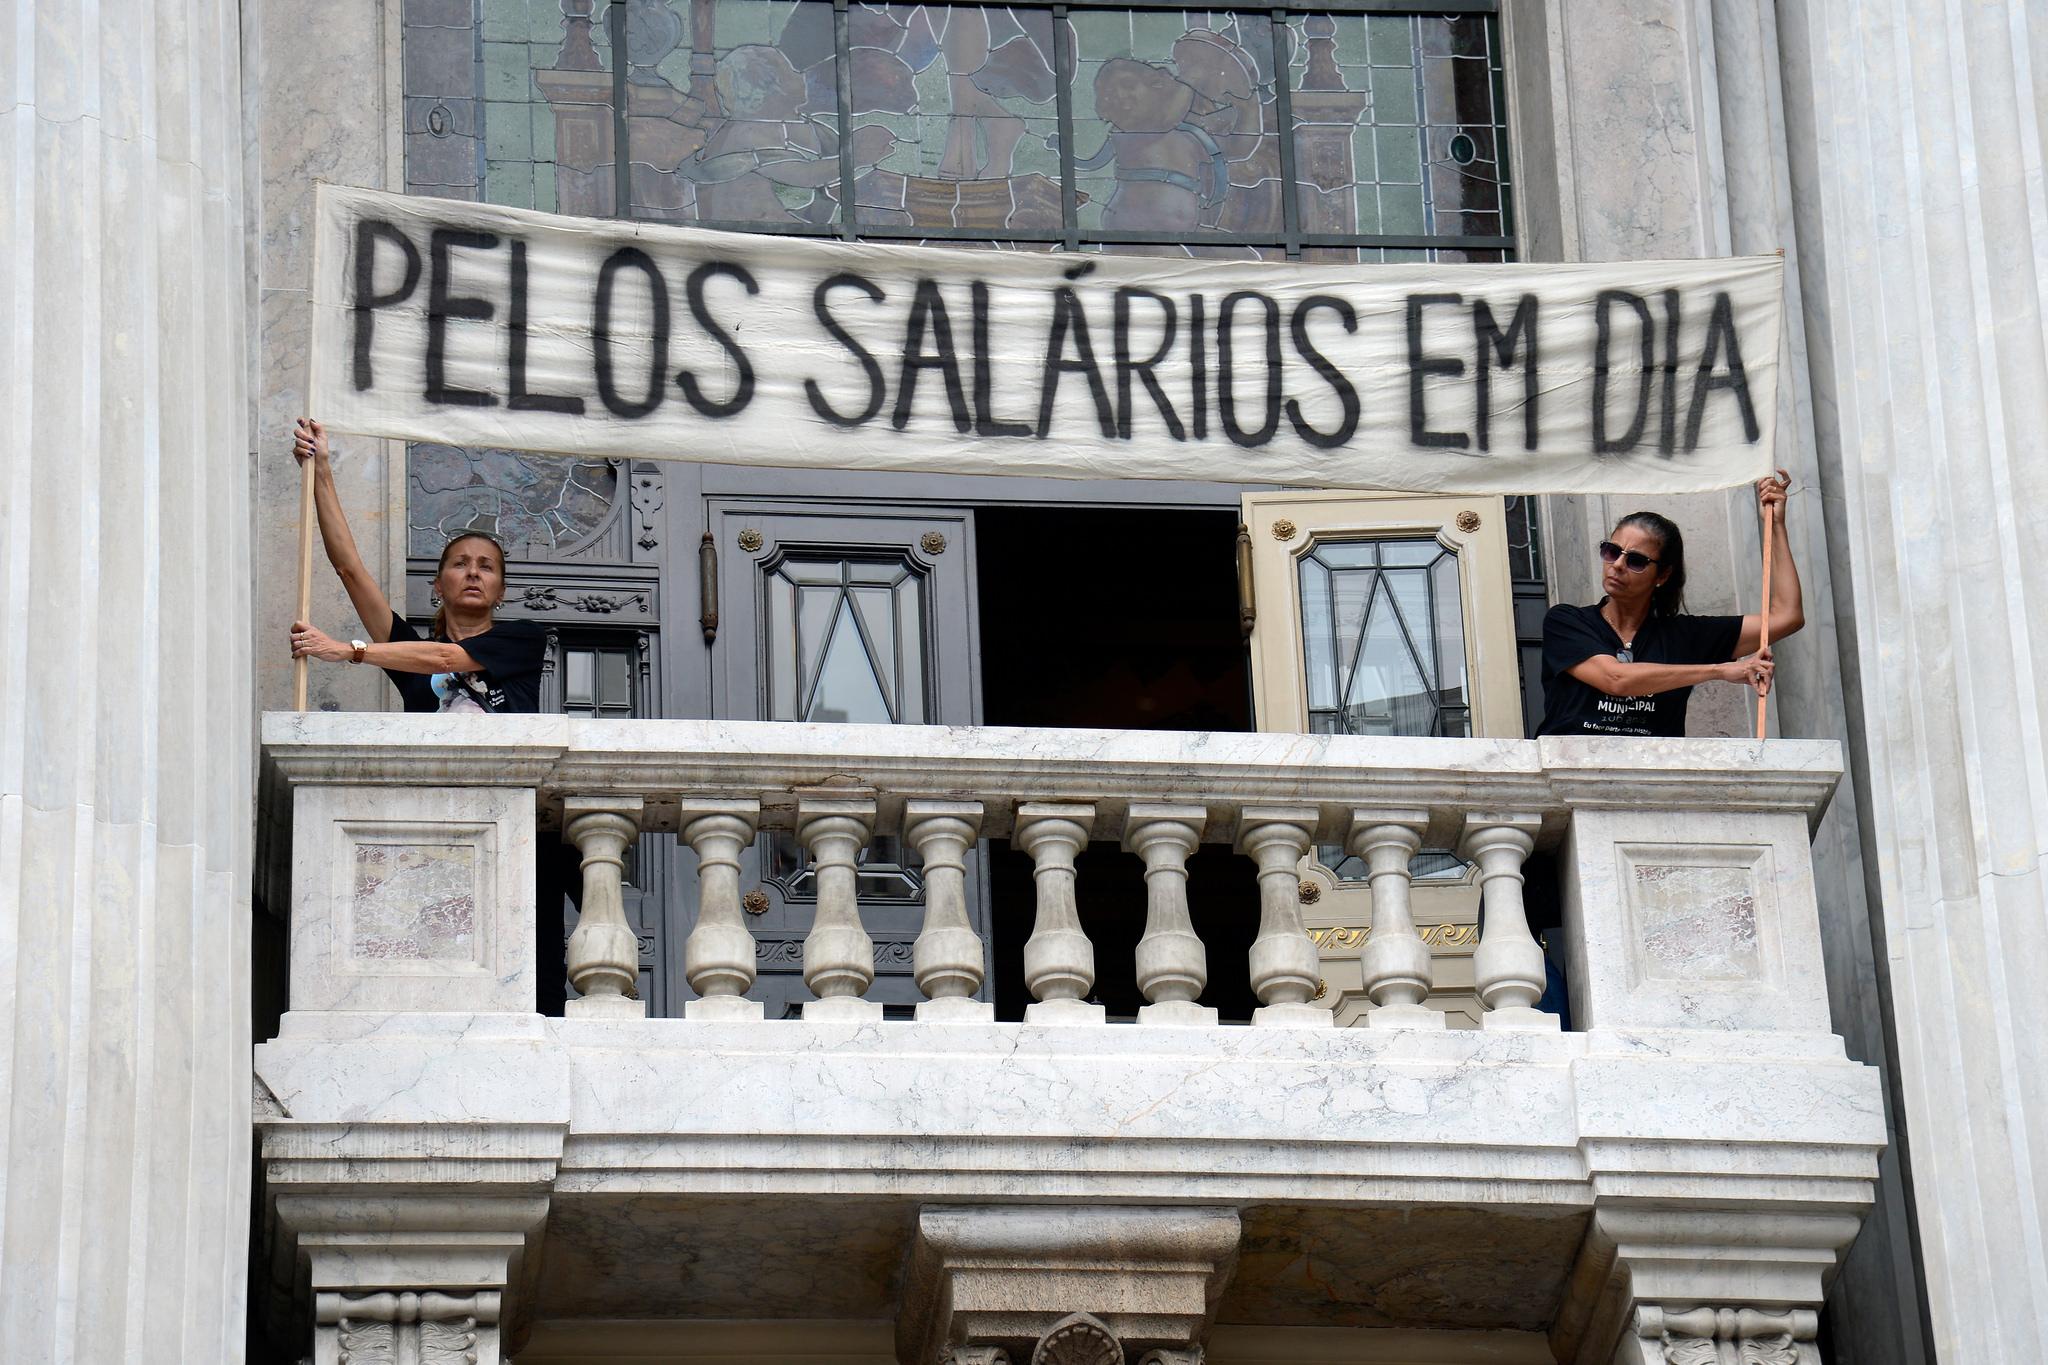 Administração Pública - geral - salários funcionalismo servidores públicos atraso RJ protestos